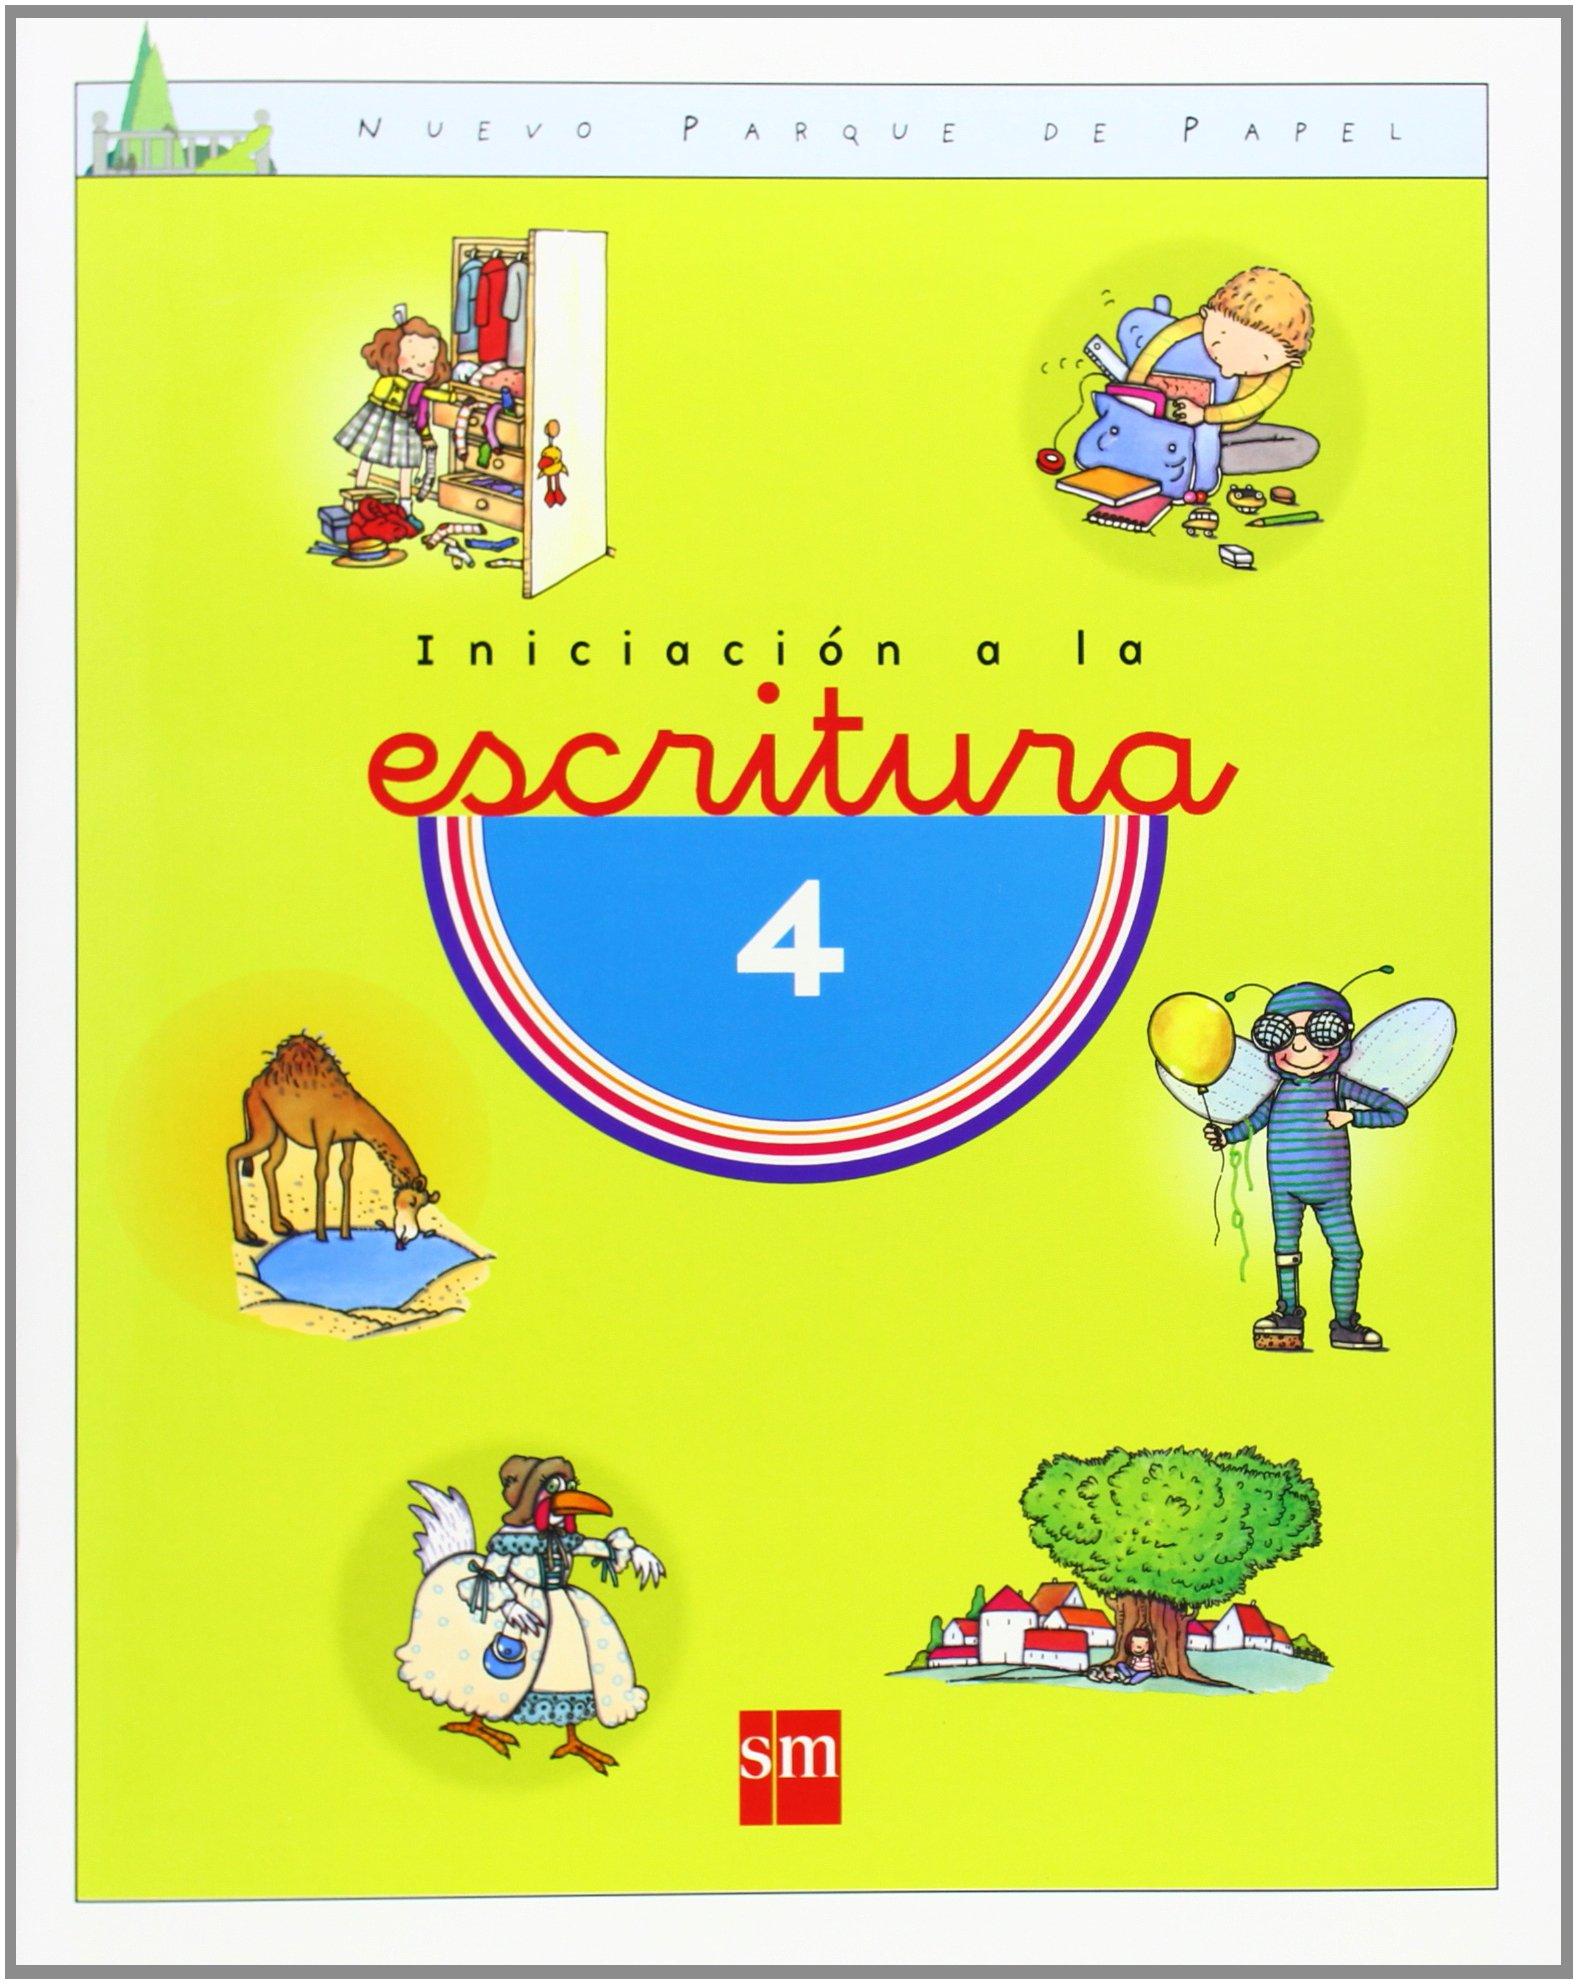 Iniciación a la escritura 3 y 4. Nuevo parque de papel - 9788434864108:  Amazon.es: María Castillo, Nuria Lantero: Libros